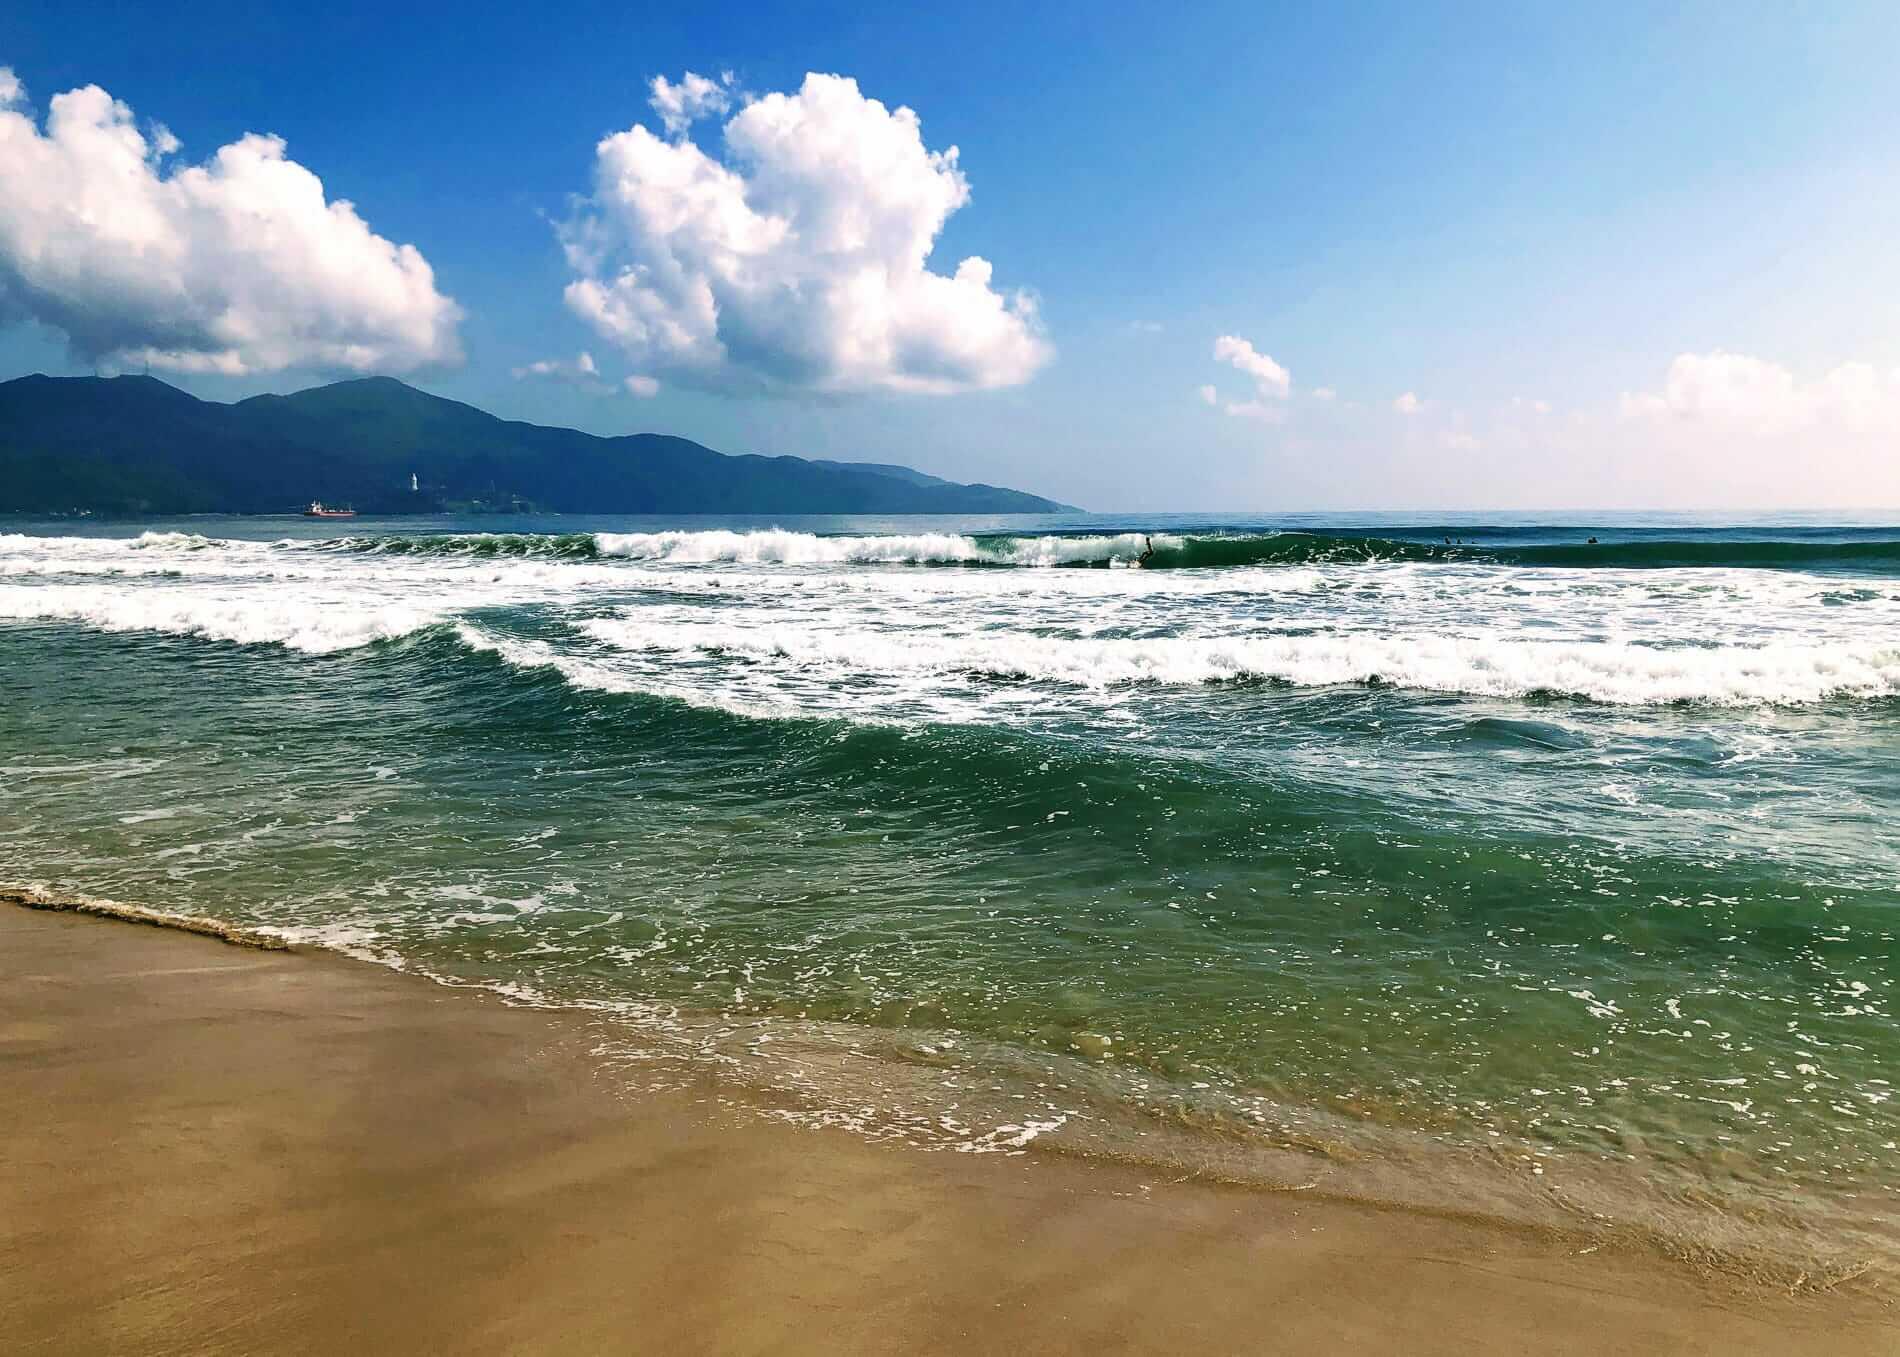 calm water at My Khe Beach